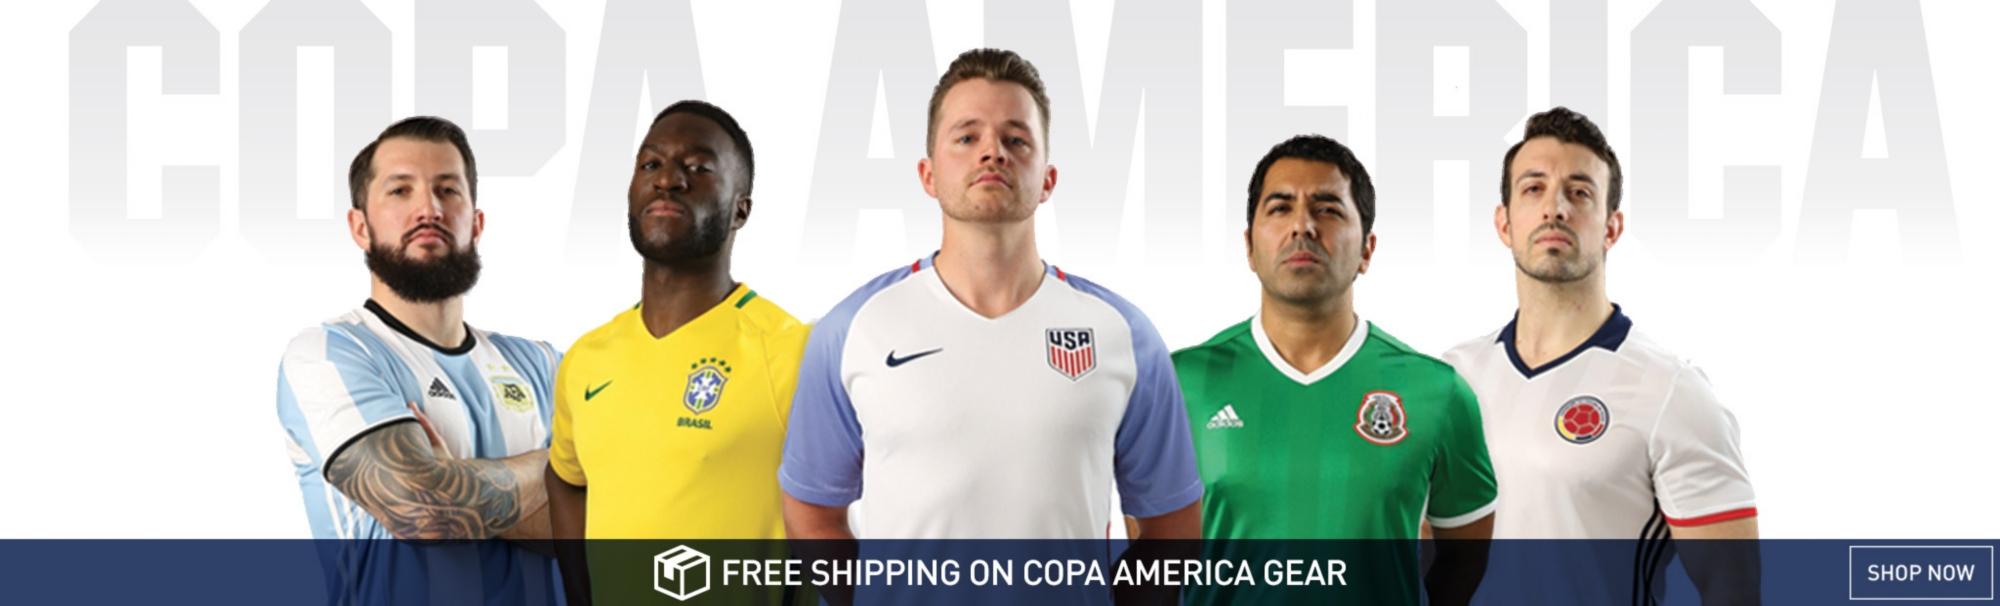 Shop COPA